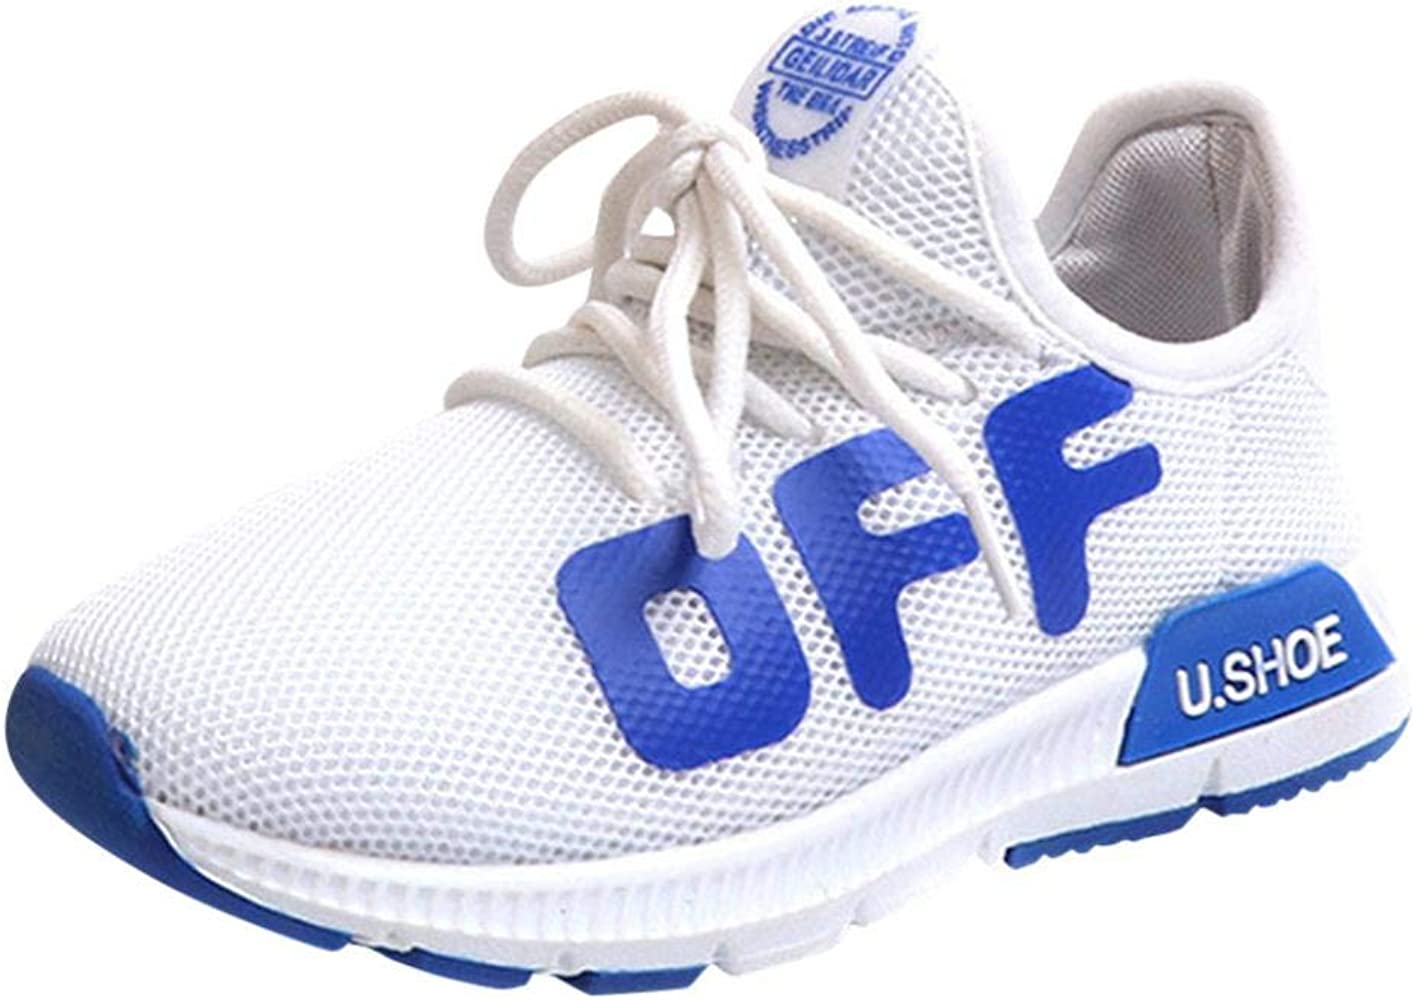 Zapatillas de Deporte Running para Unisex Niños Niñas Otoño Invierno 2018 Moda PAOLIAN Zapatos de Niños Calzado Breathable Deportivo de Exterior Casual Bambas Muchacha Antideslizante: Amazon.es: Zapatos y complementos